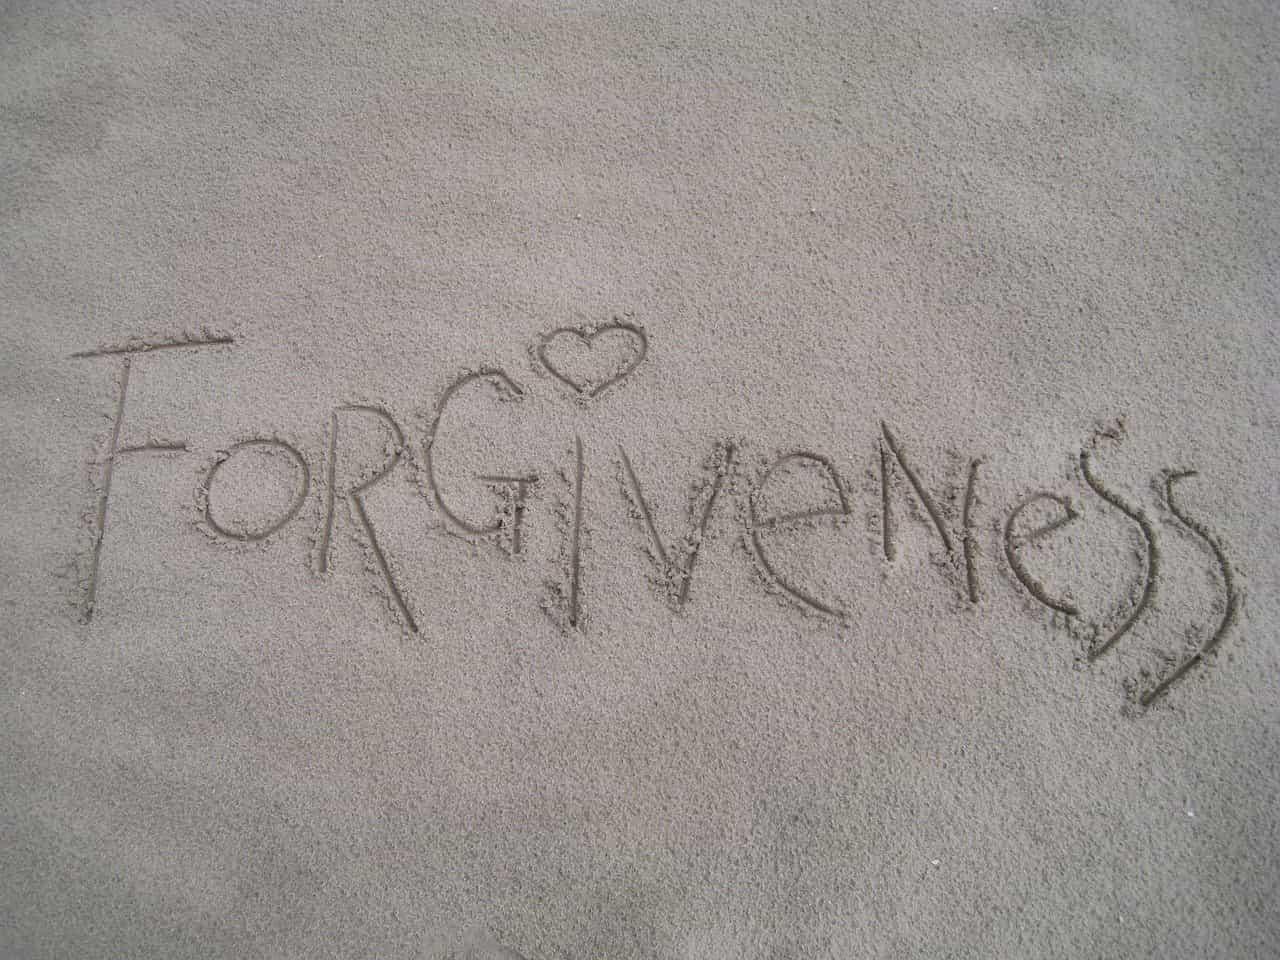 Comment et pourquoi pardonner